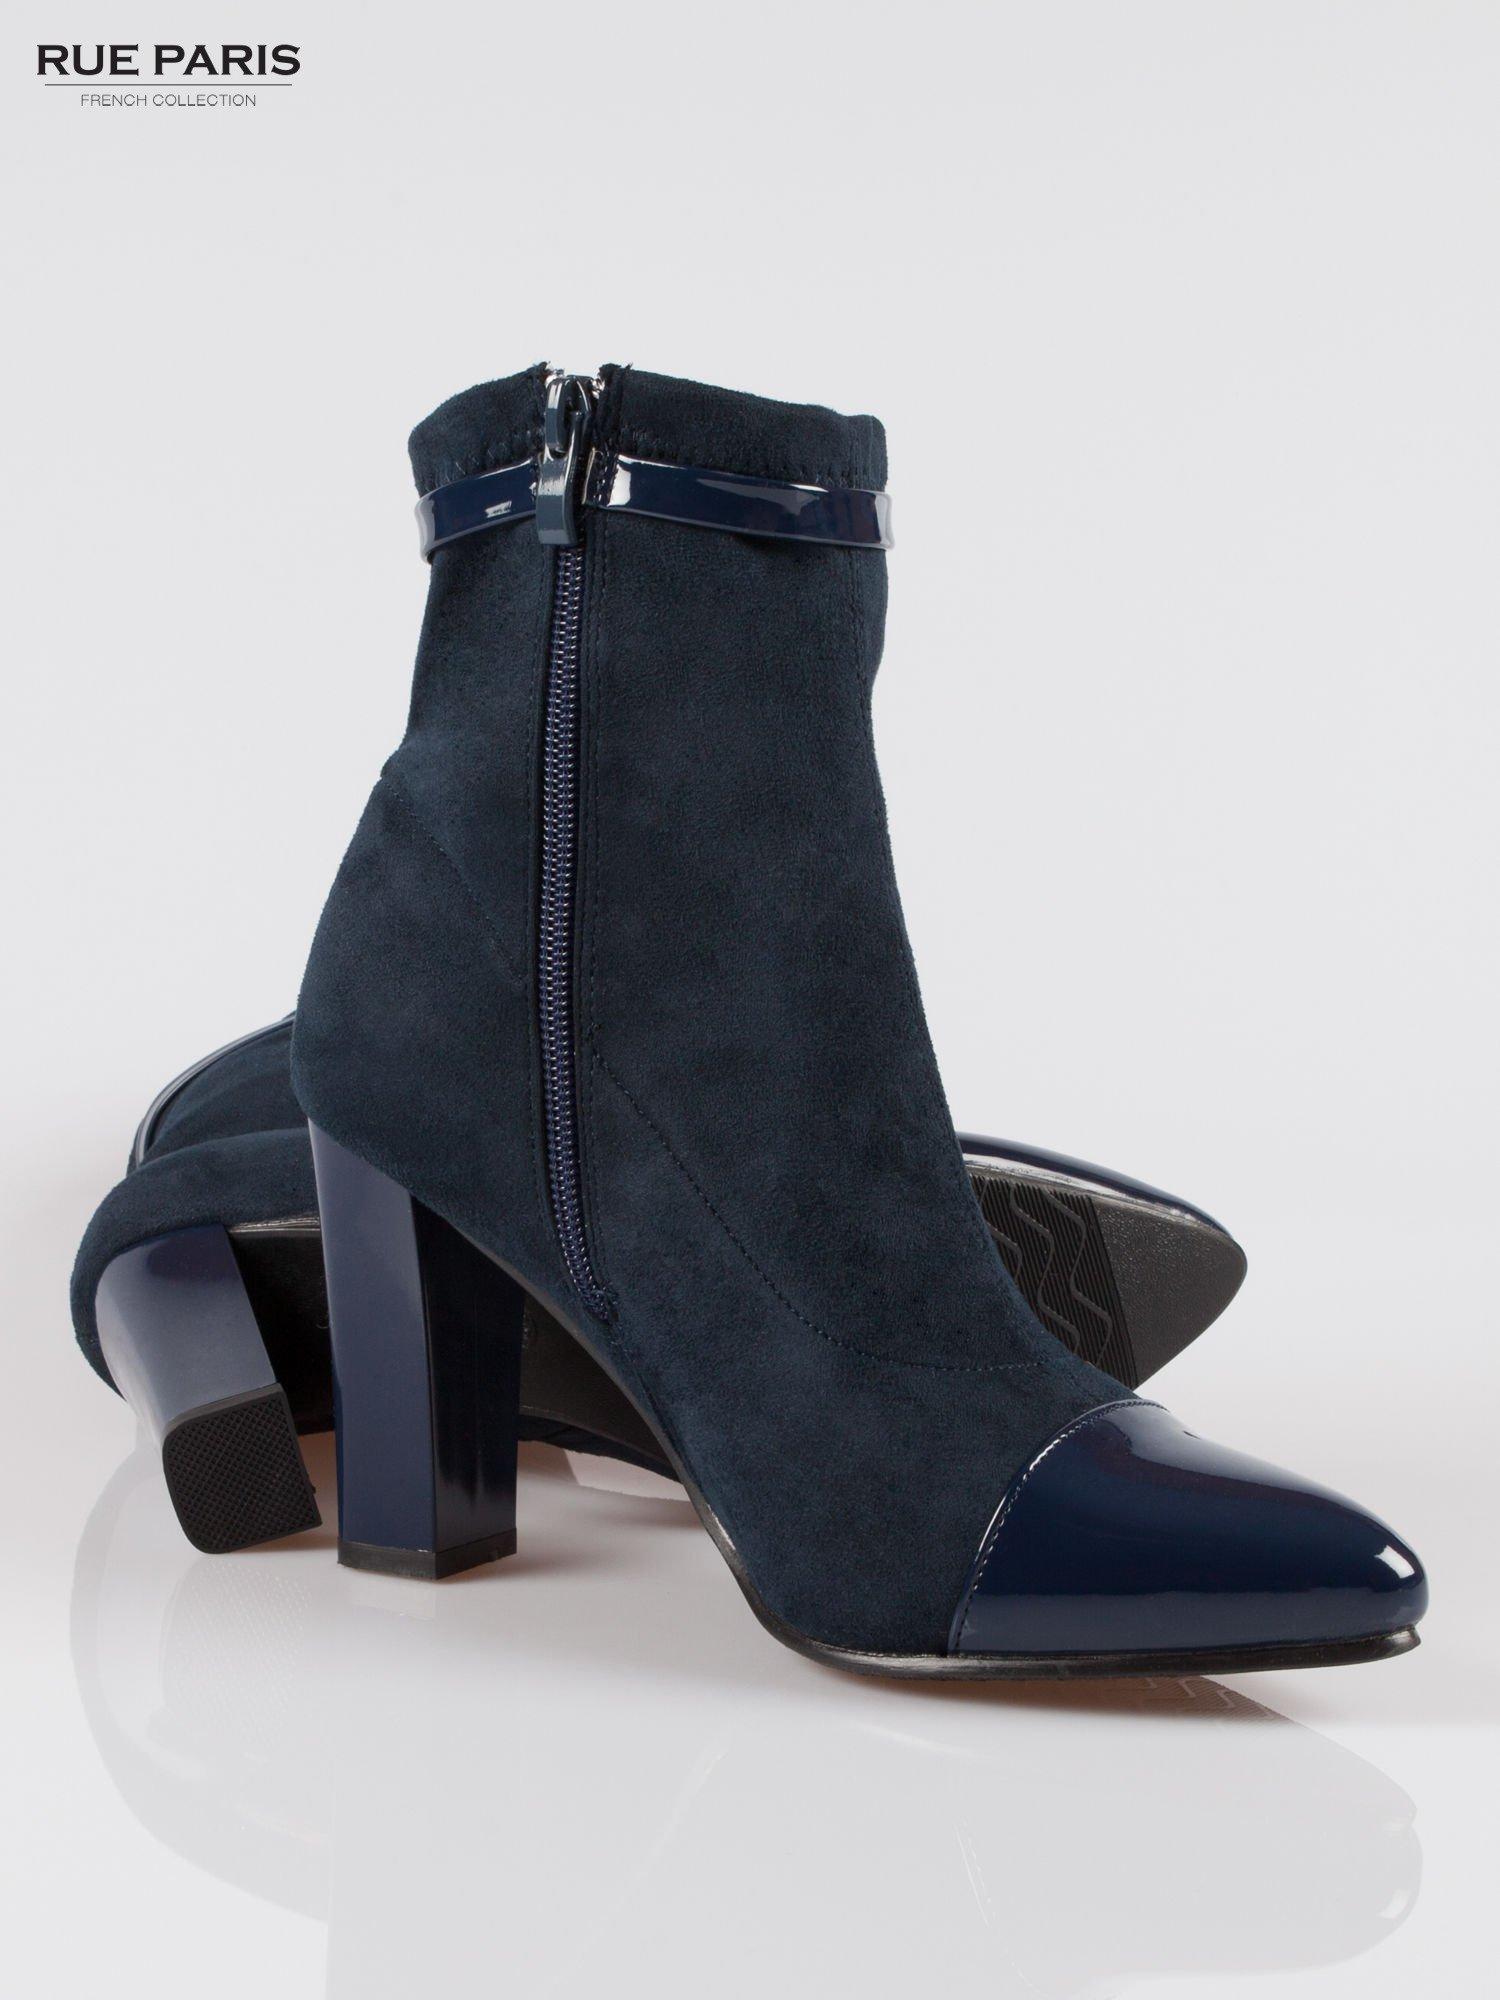 Ciemnoniebieskie zamszowe botki z lakierowanym noskiem w szpic w stylu Chanel                                  zdj.                                  4